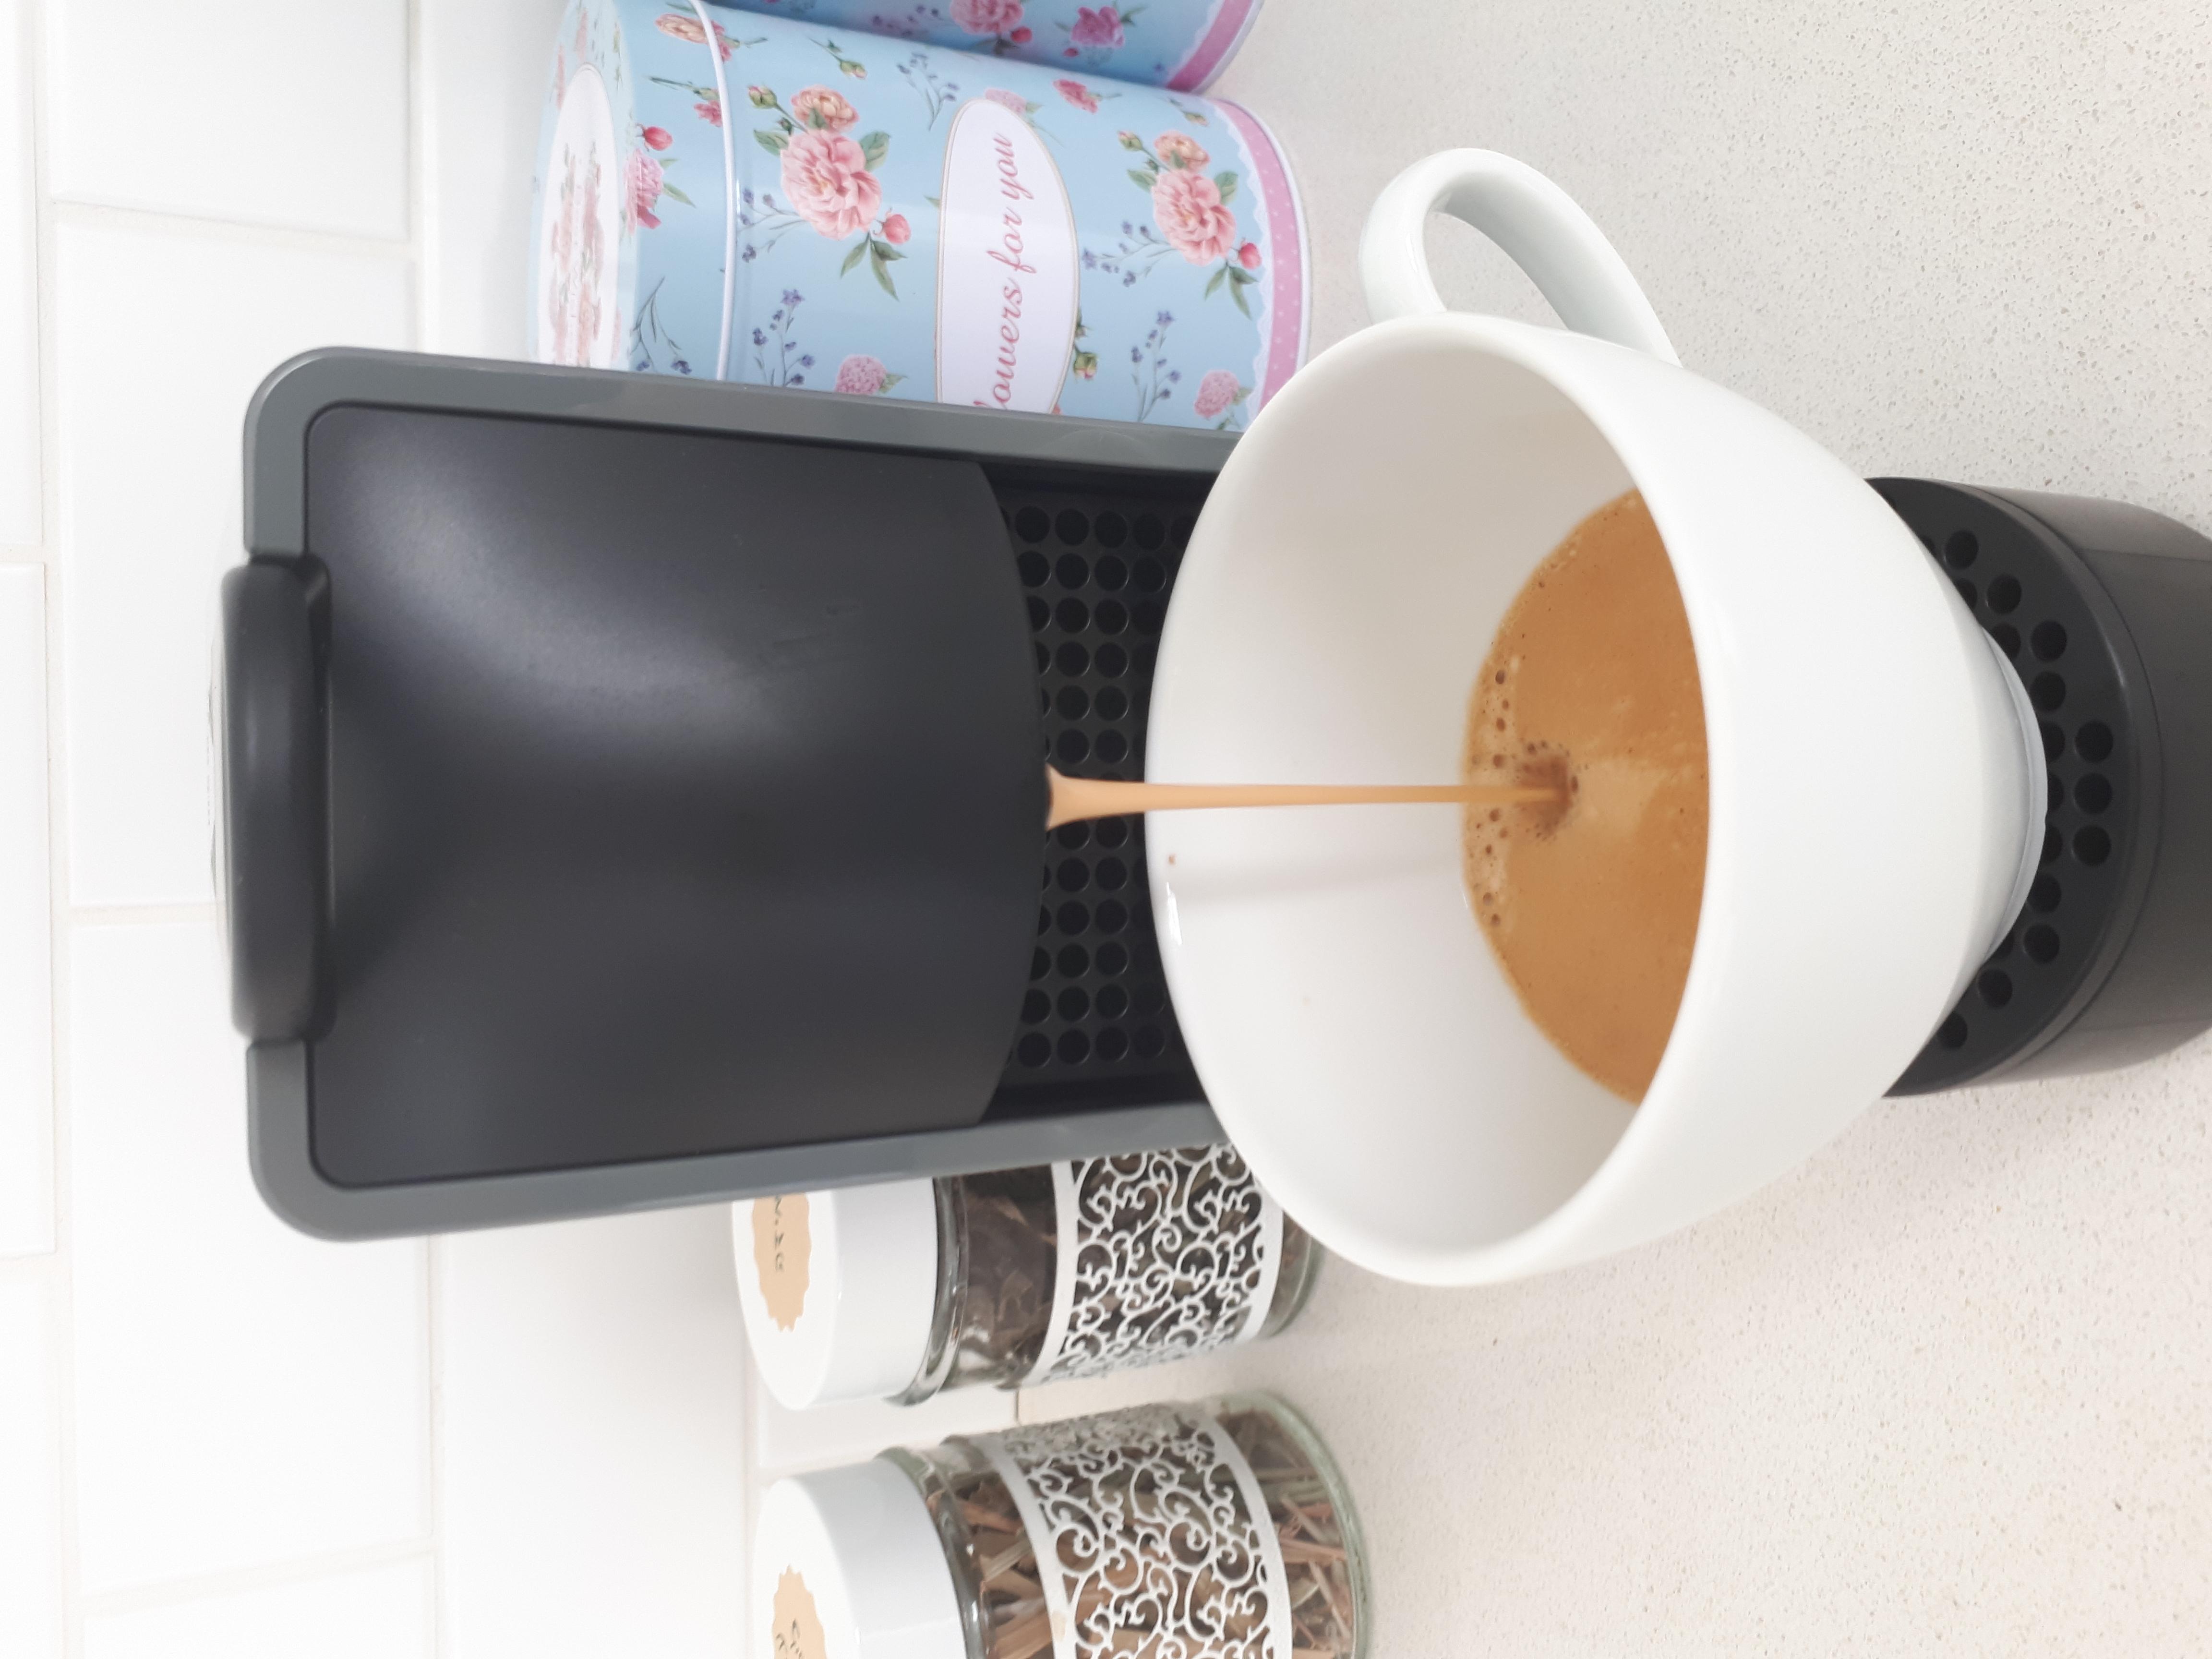 נוף בראשית - מכונת קפה